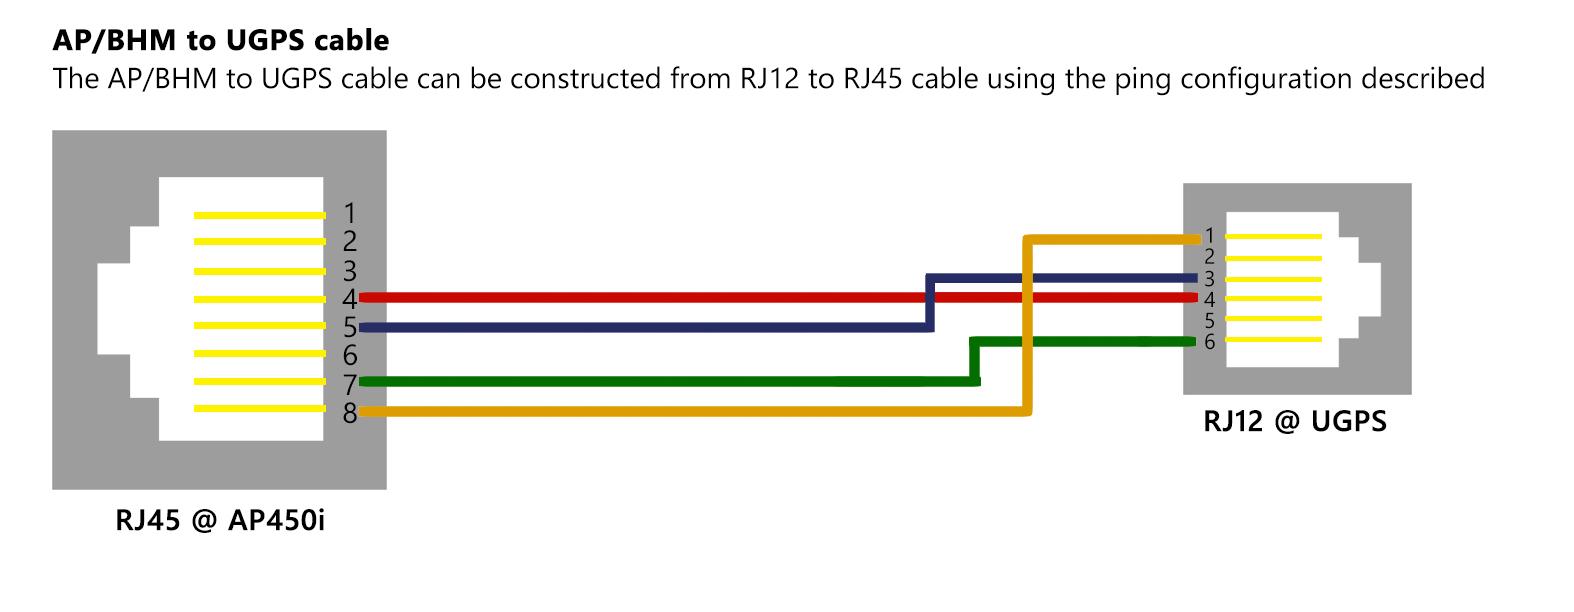 Awesome Rj45 To Rj11 Wiring Diagram Festooning Simple Best Of - Rj45 To Rj11 Wiring Diagram